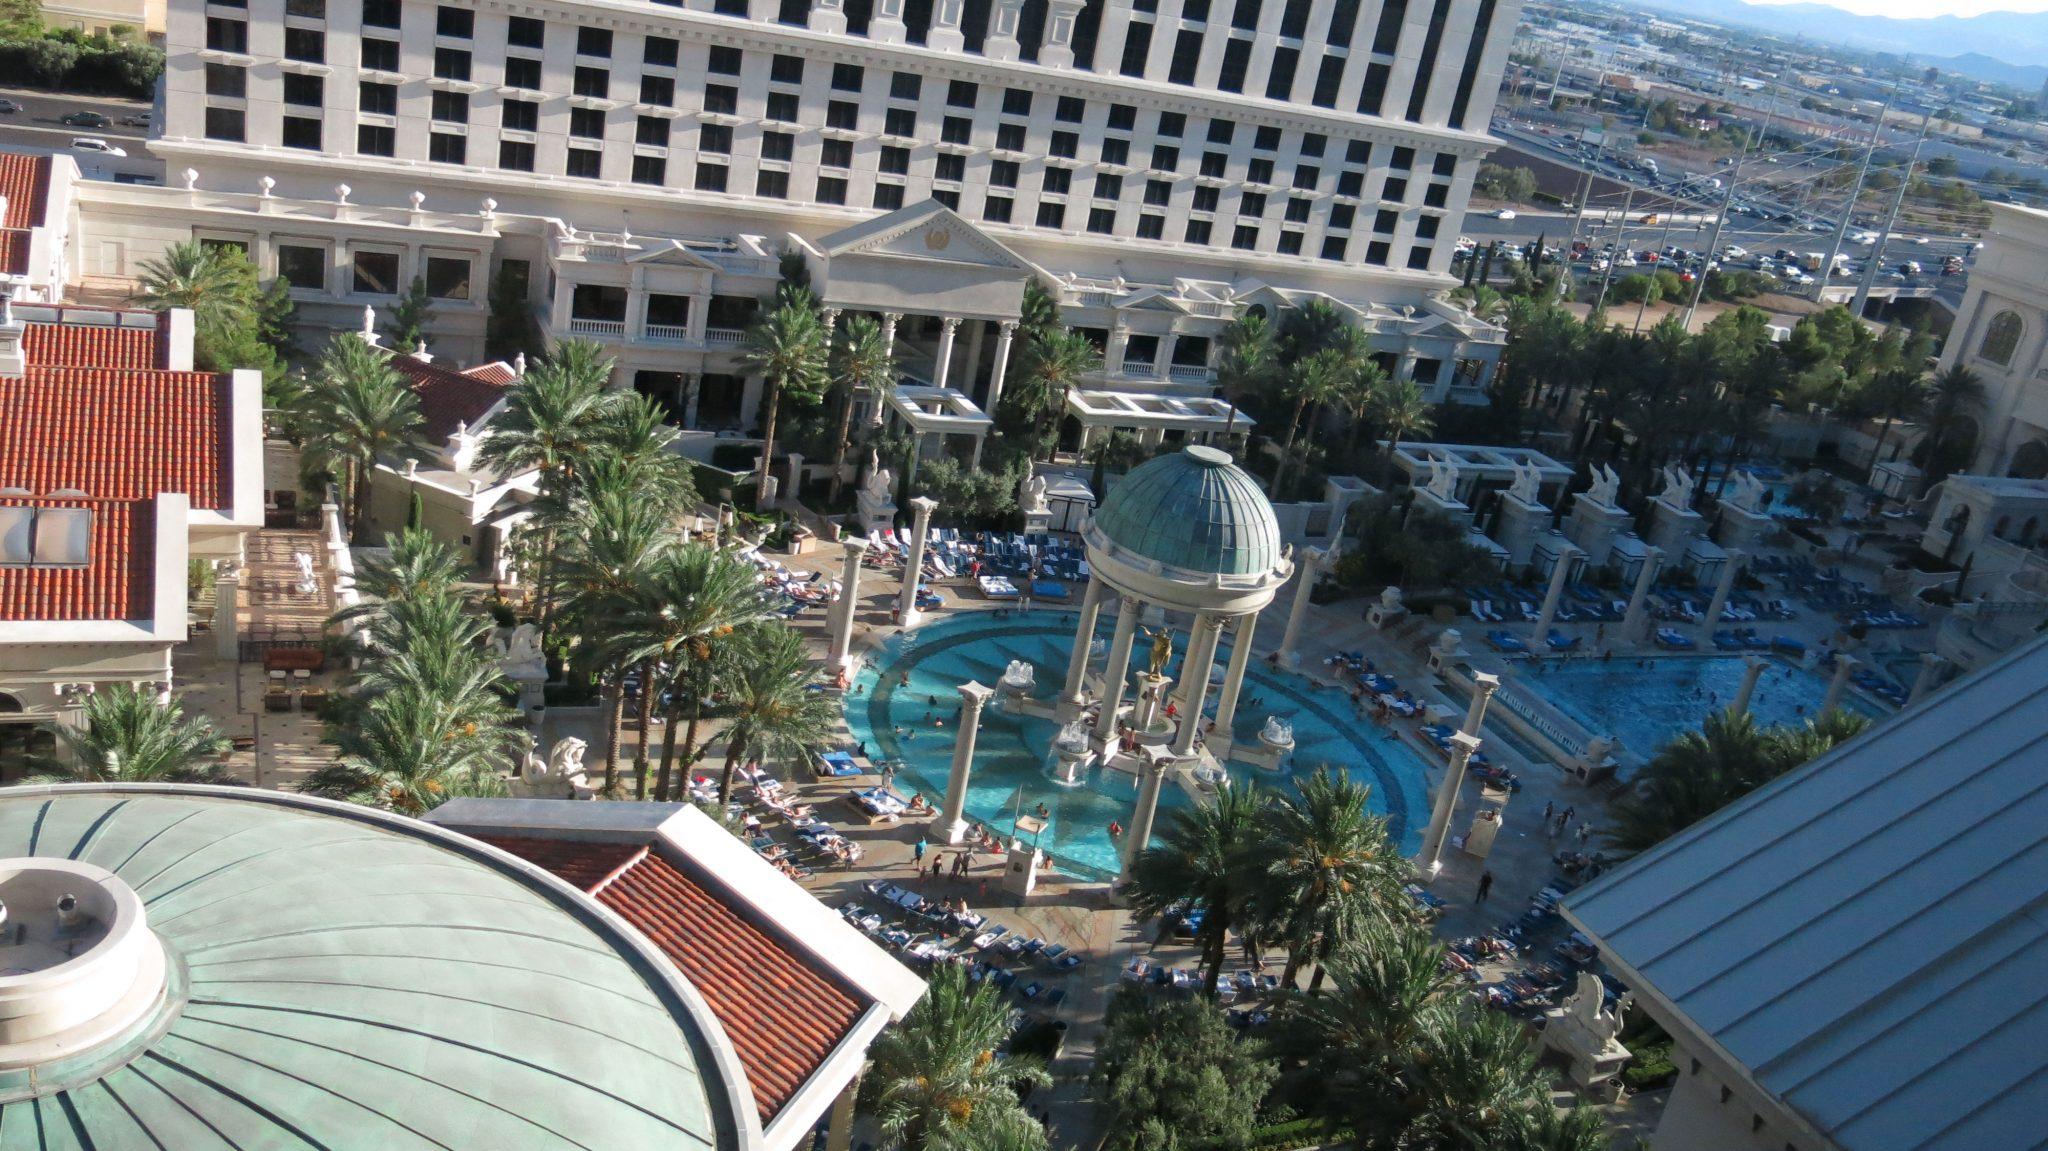 Lhbergement  Las Vegas  les htels casinos  Caf Powell